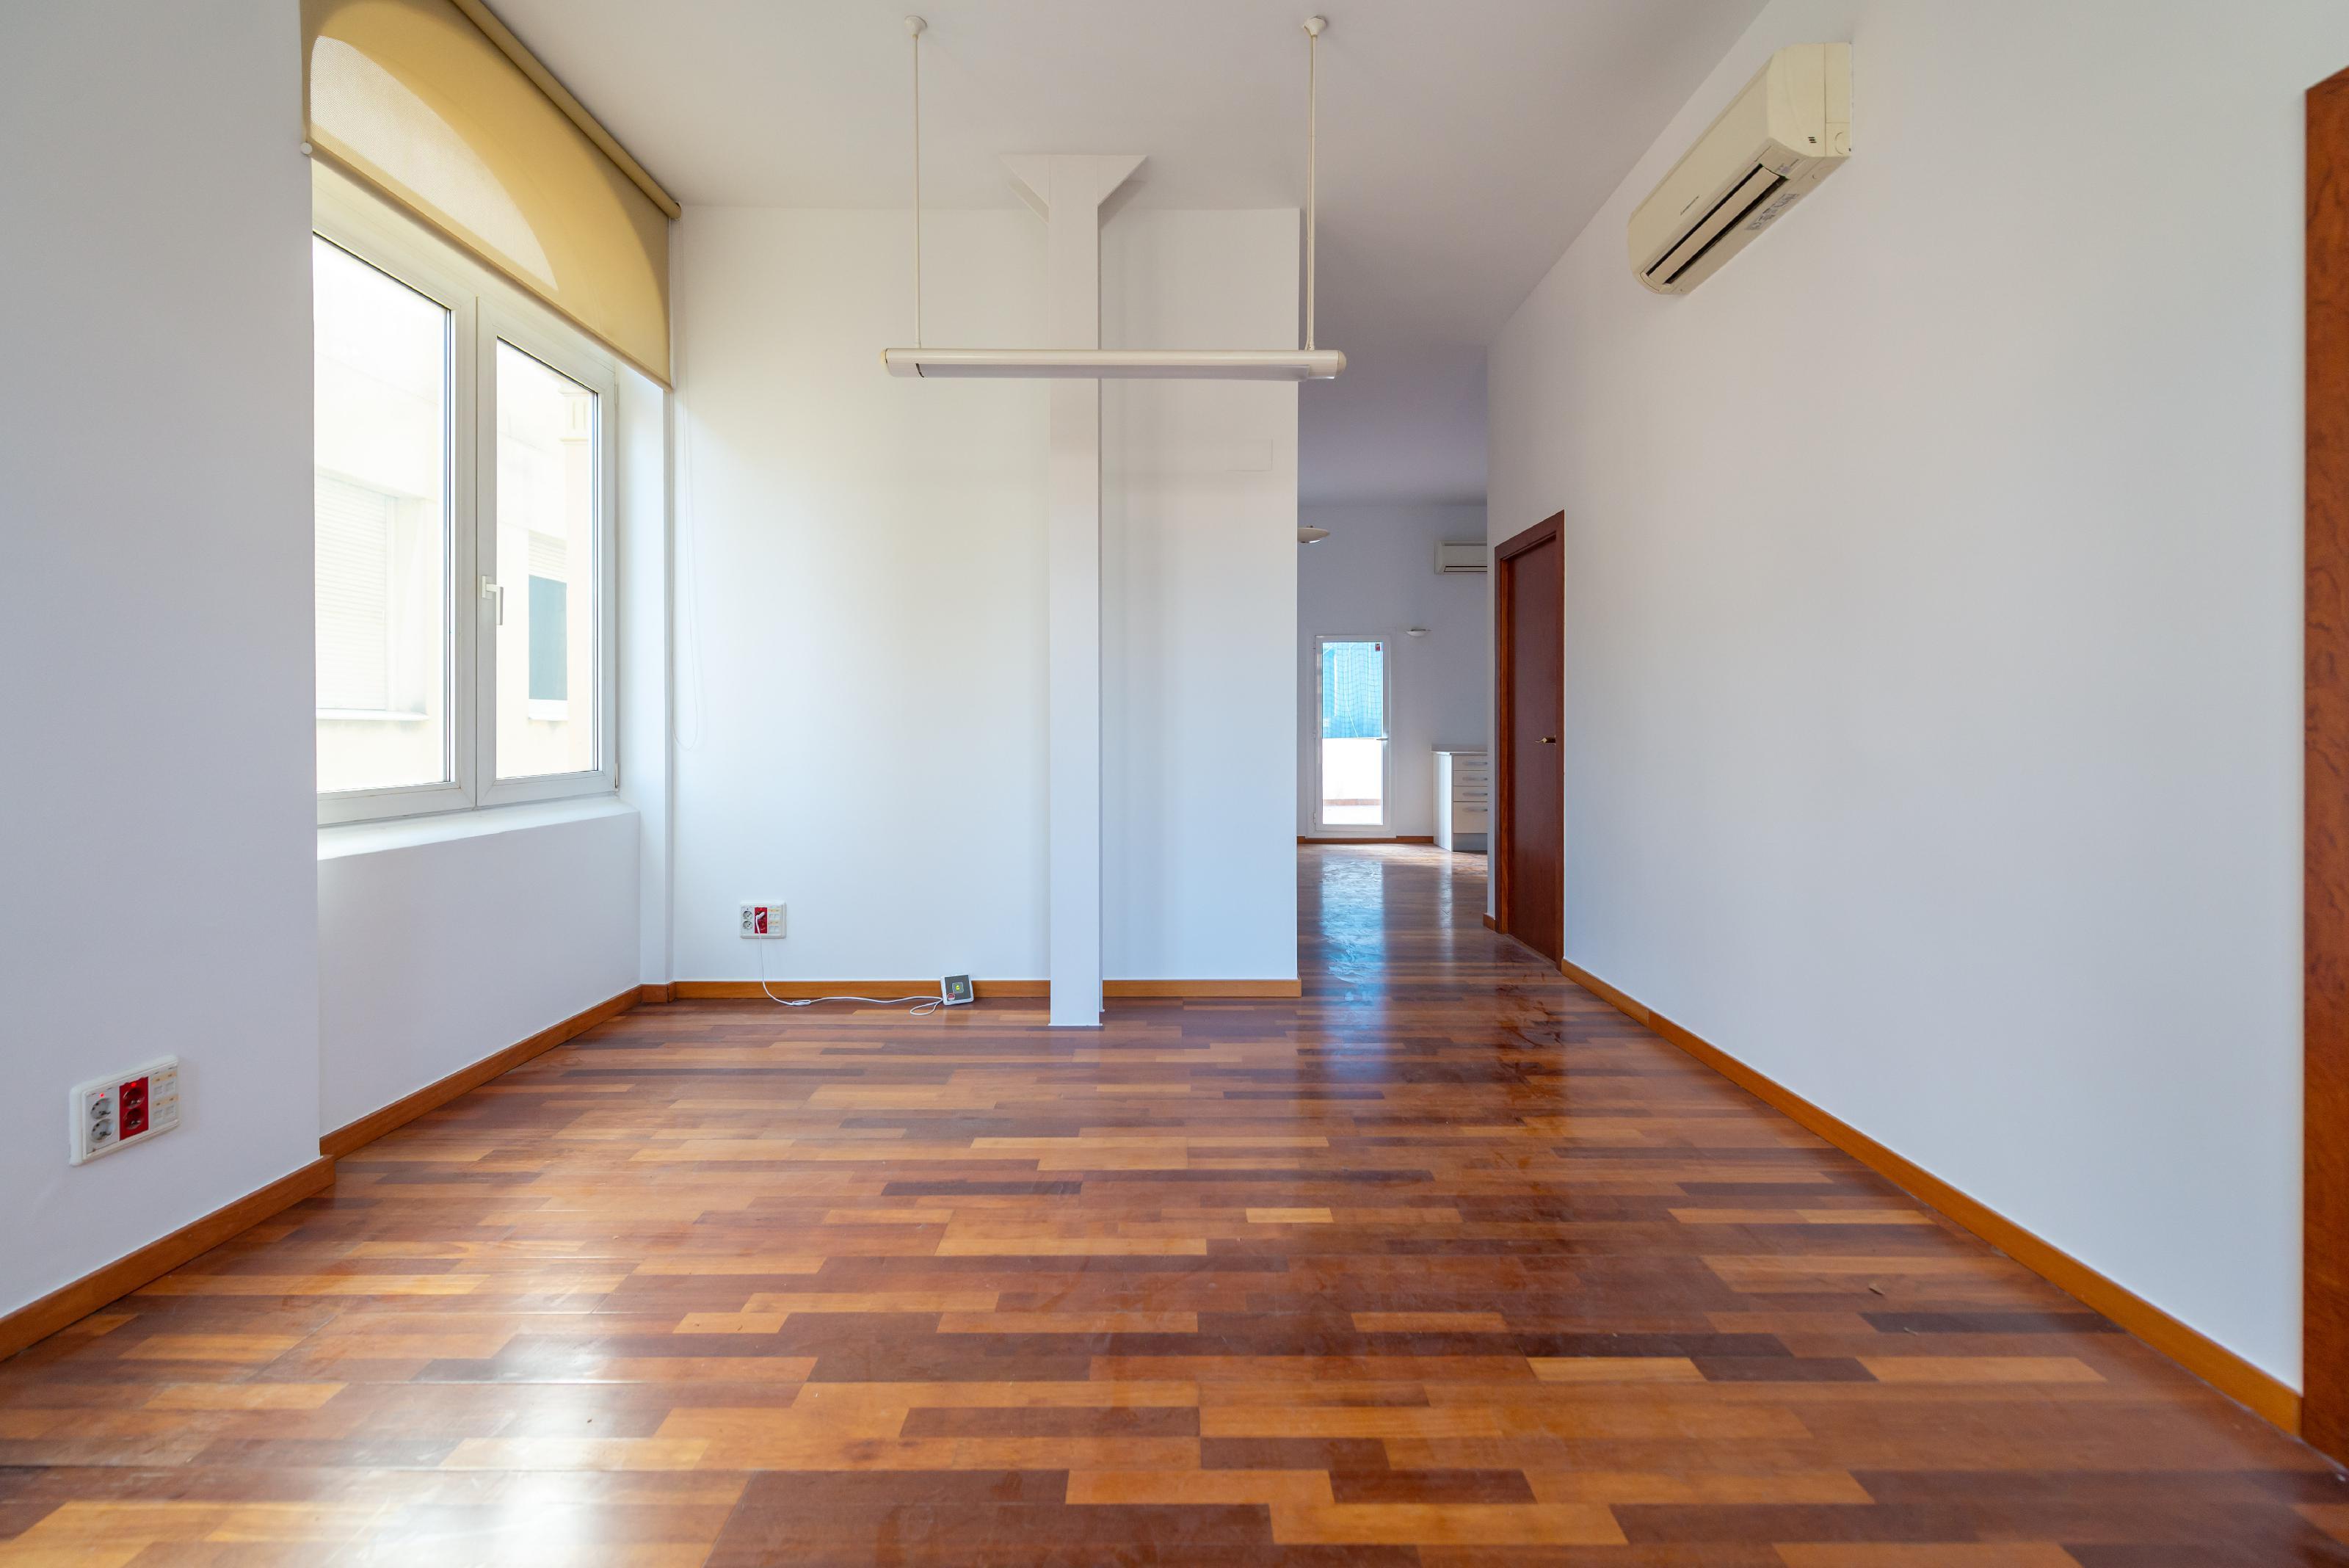 246065 Flat for sale in Sarrià-Sant Gervasi, Sarrià 5